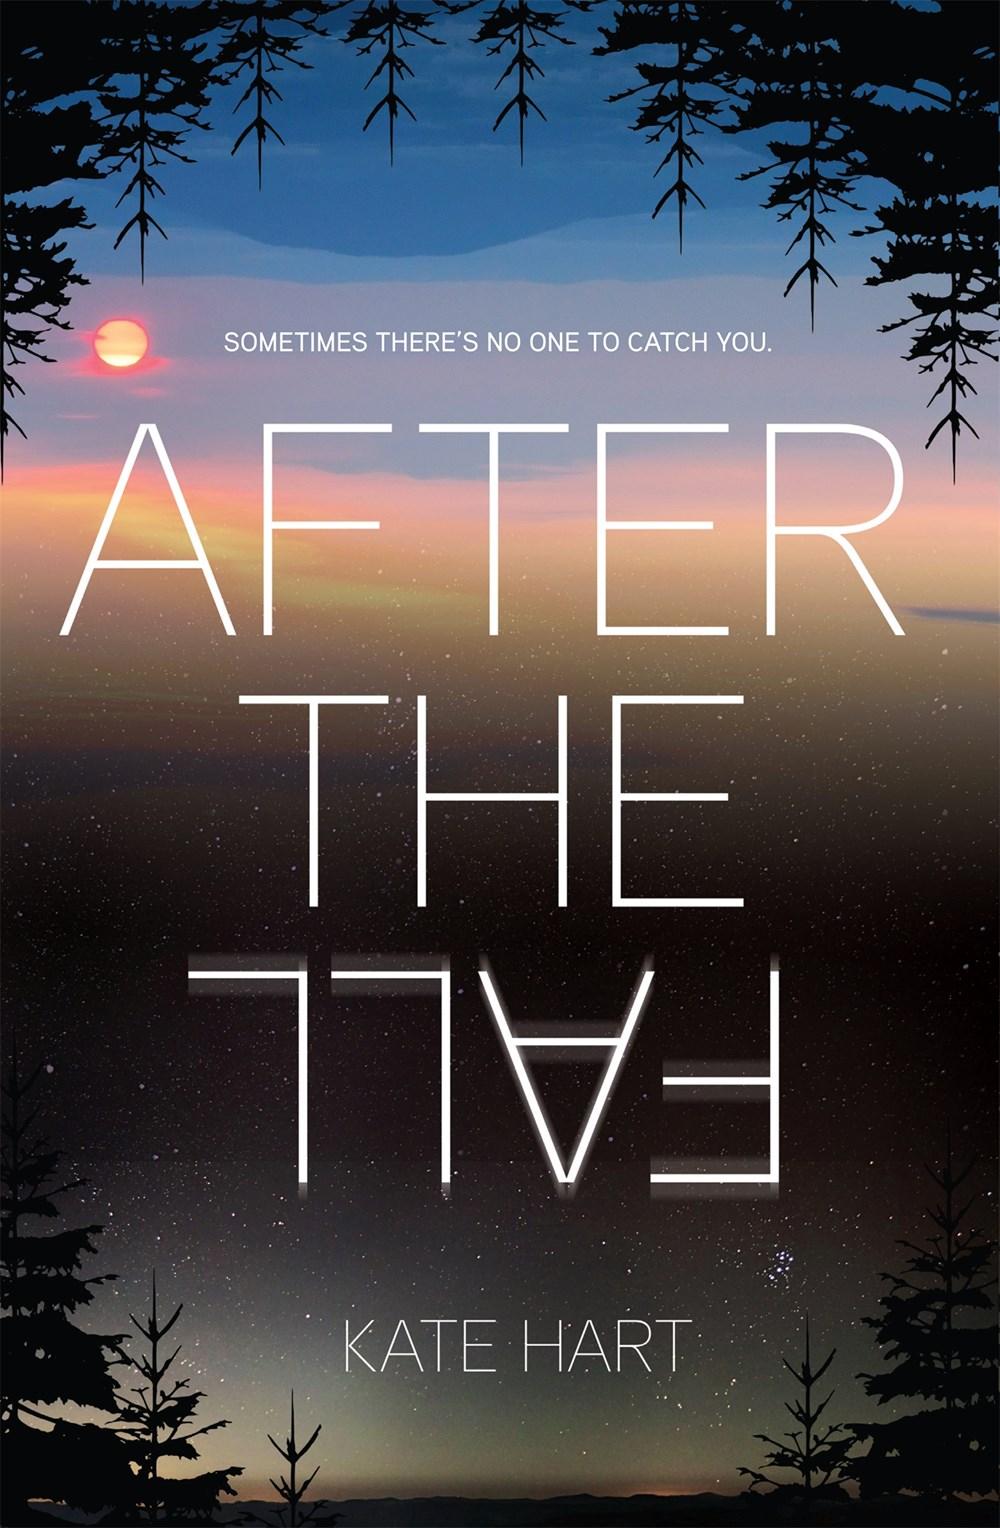 ATF paperback.jpg